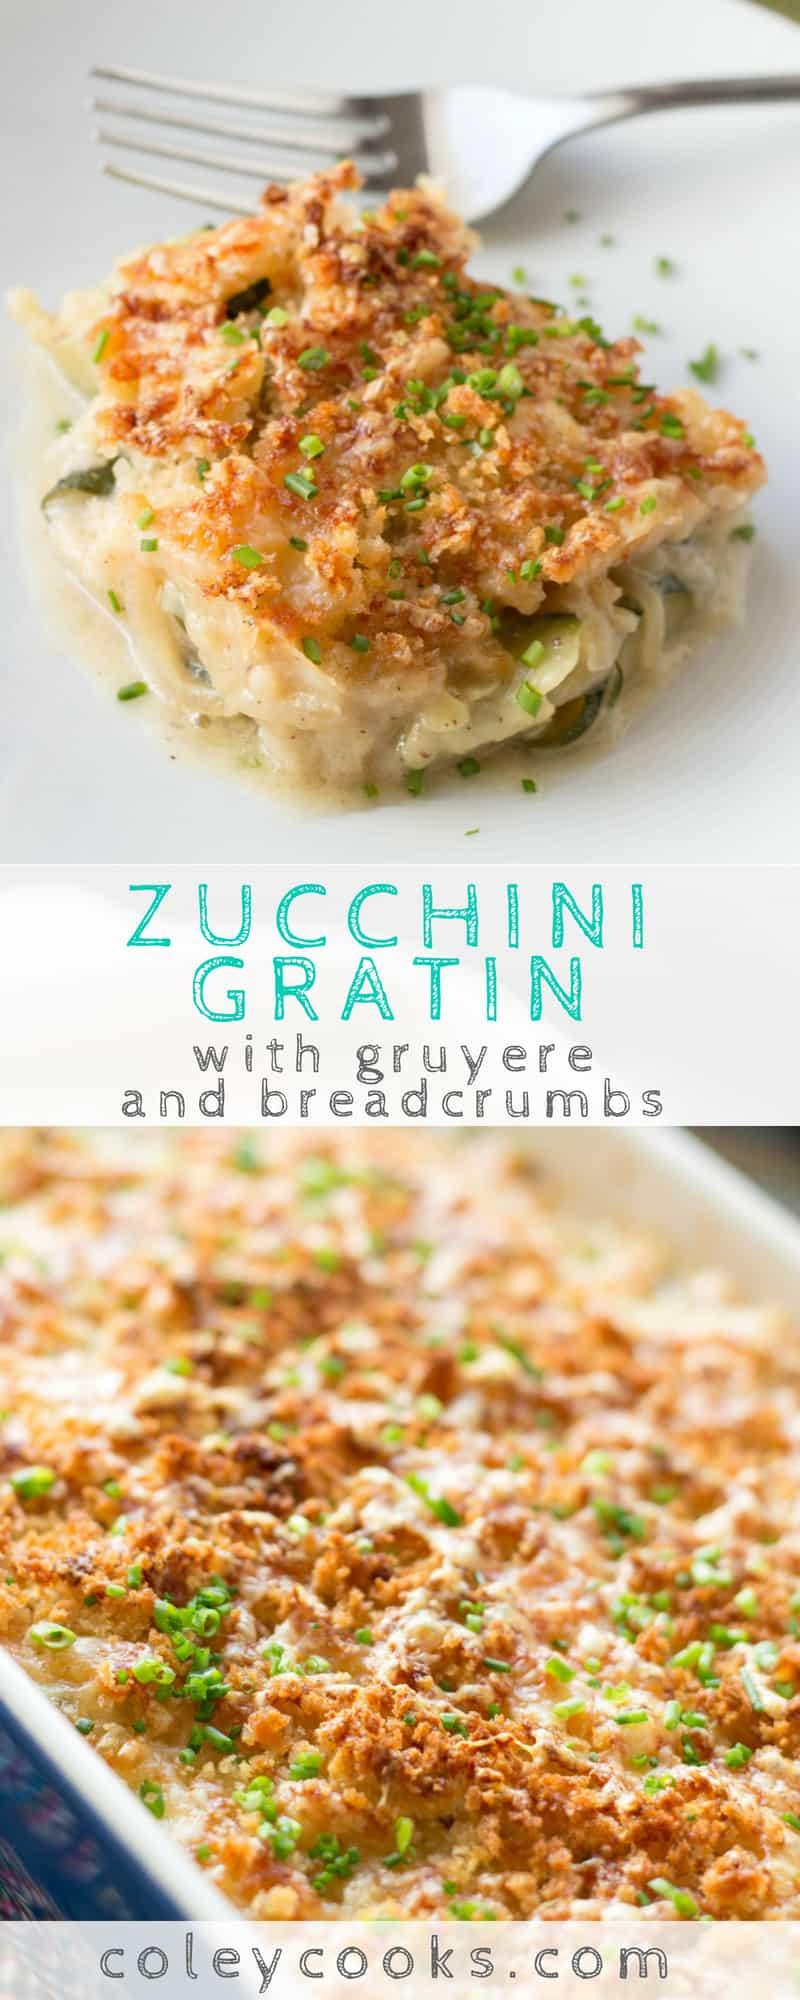 ZUCCHINI GRATIN | Ina Garten's recipe for Zucchini Gratin is so delicious! With gruyere, onions, a creamy sauce and crispy breadcrumbs #easy #zucchini #recipe #squash #barefootcontessa | ColeyCooks.com